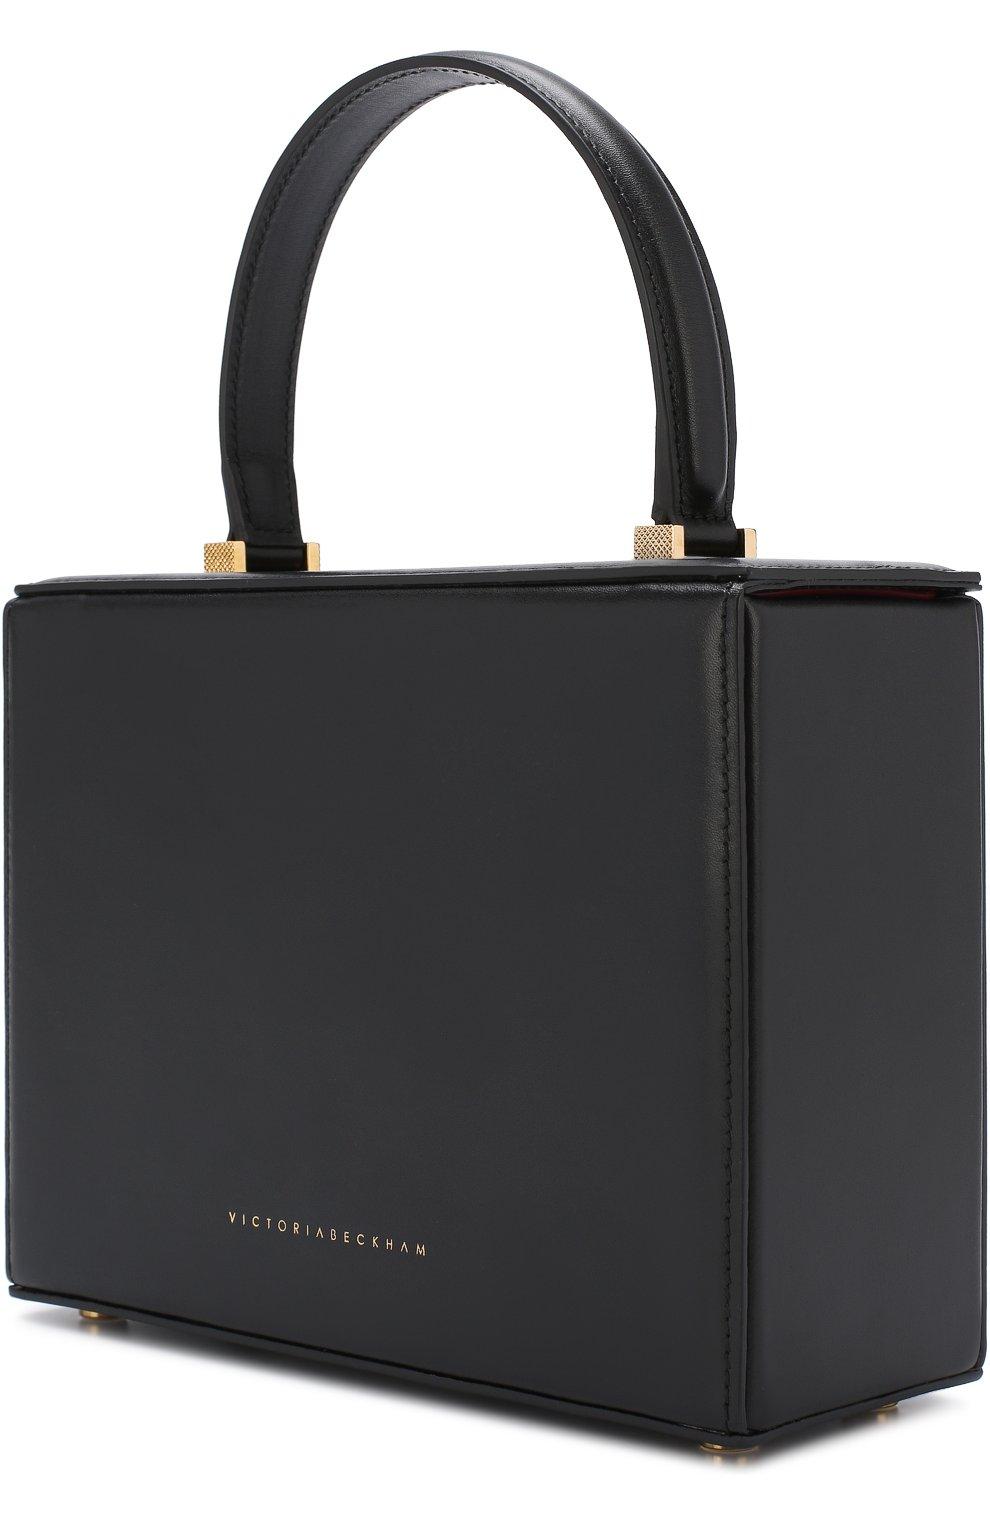 dcacf74f95a0 Женские сумки Victoria Beckham по цене от 132 000 руб. купить в  интернет-магазине ЦУМ